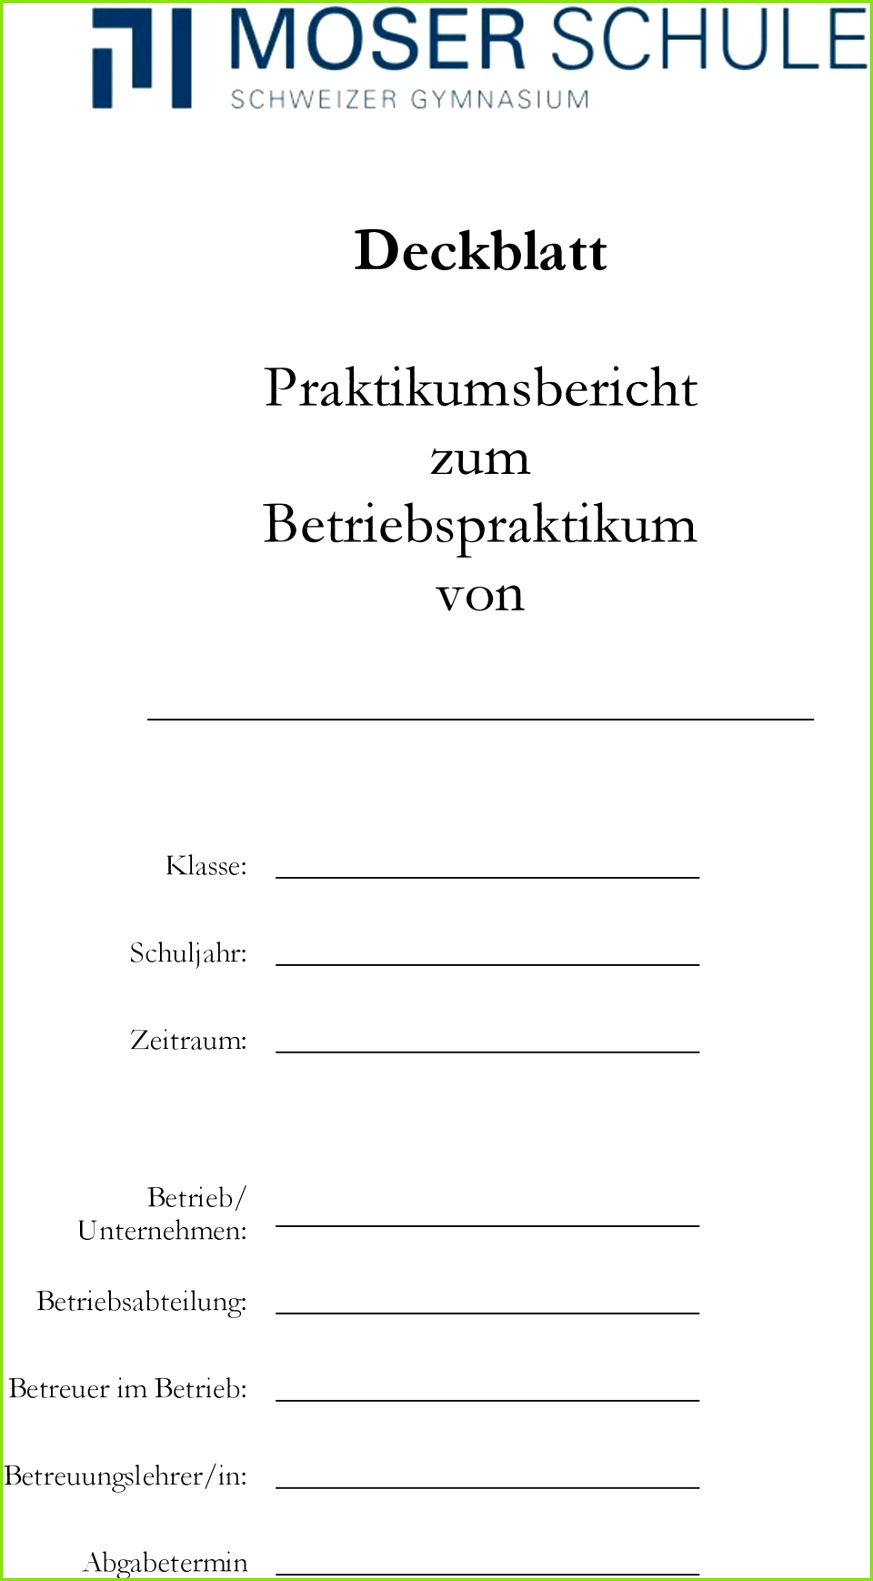 praktikumsbericht deckblatt vorlage